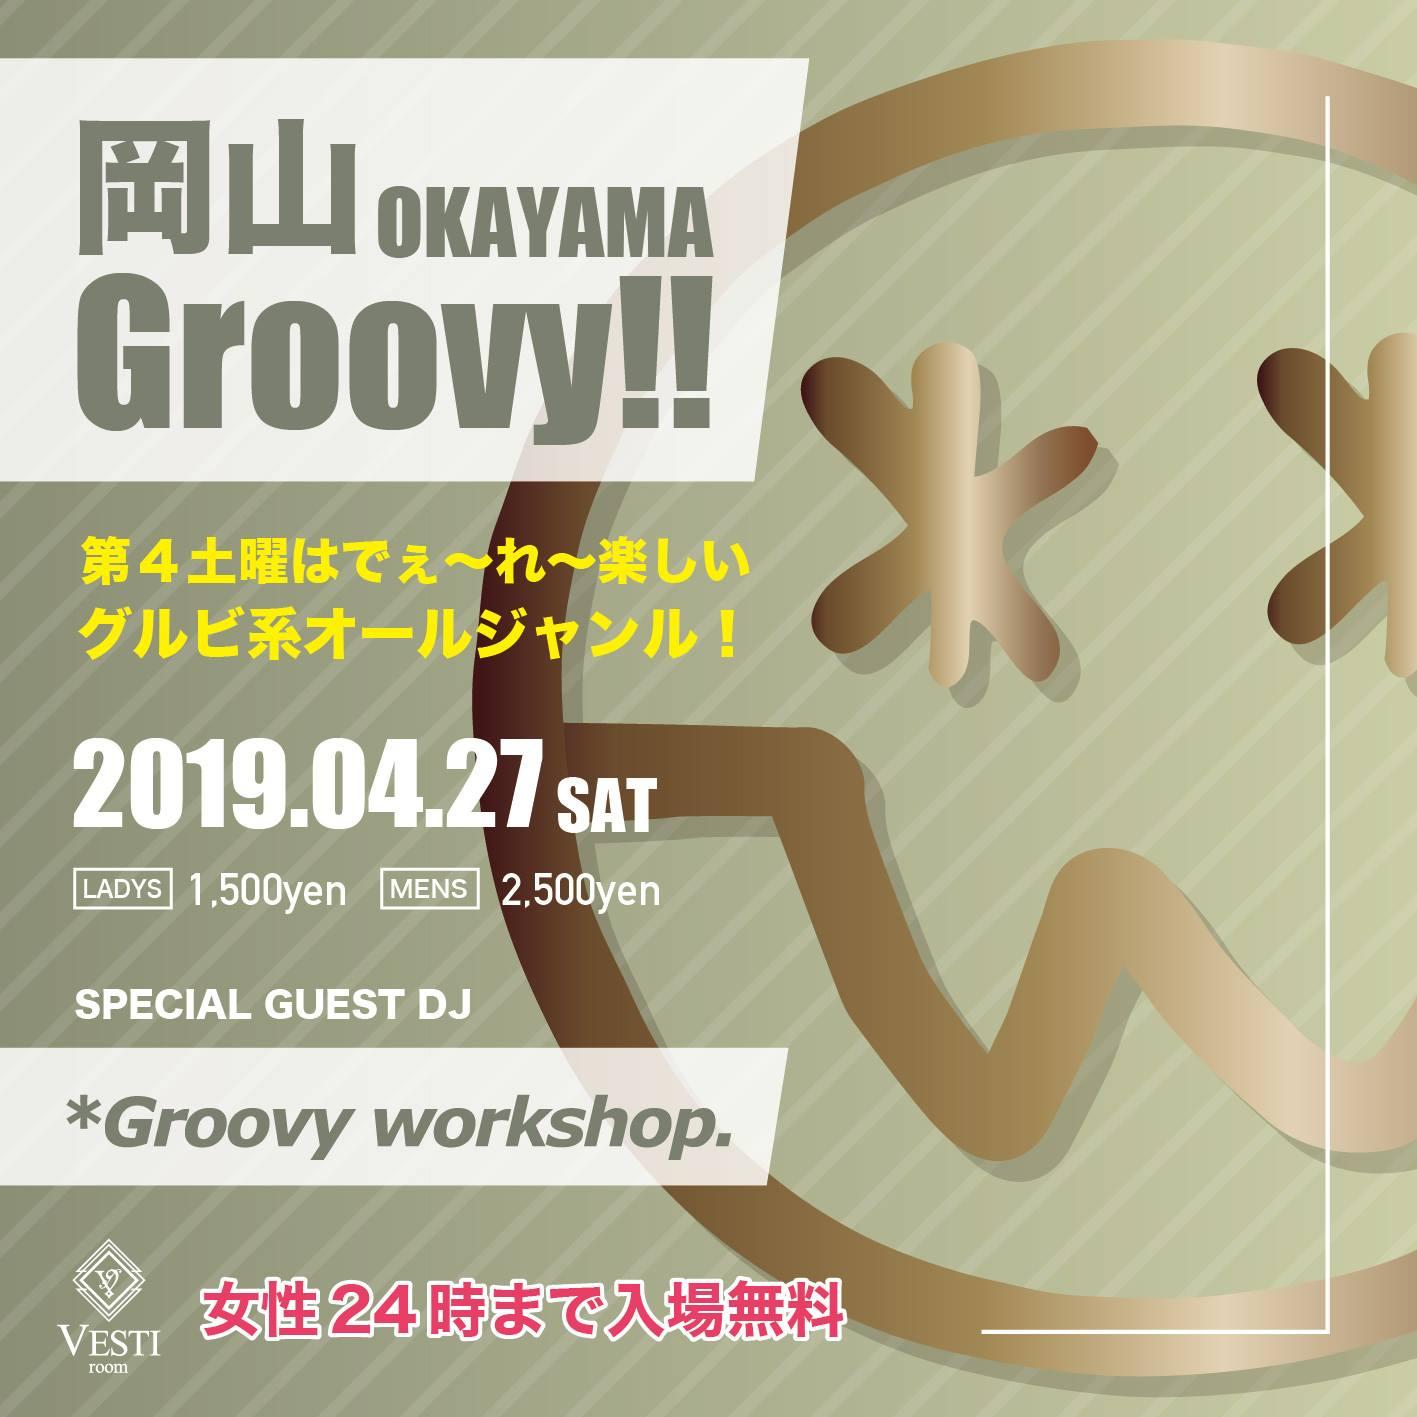 岡山Groovy!!